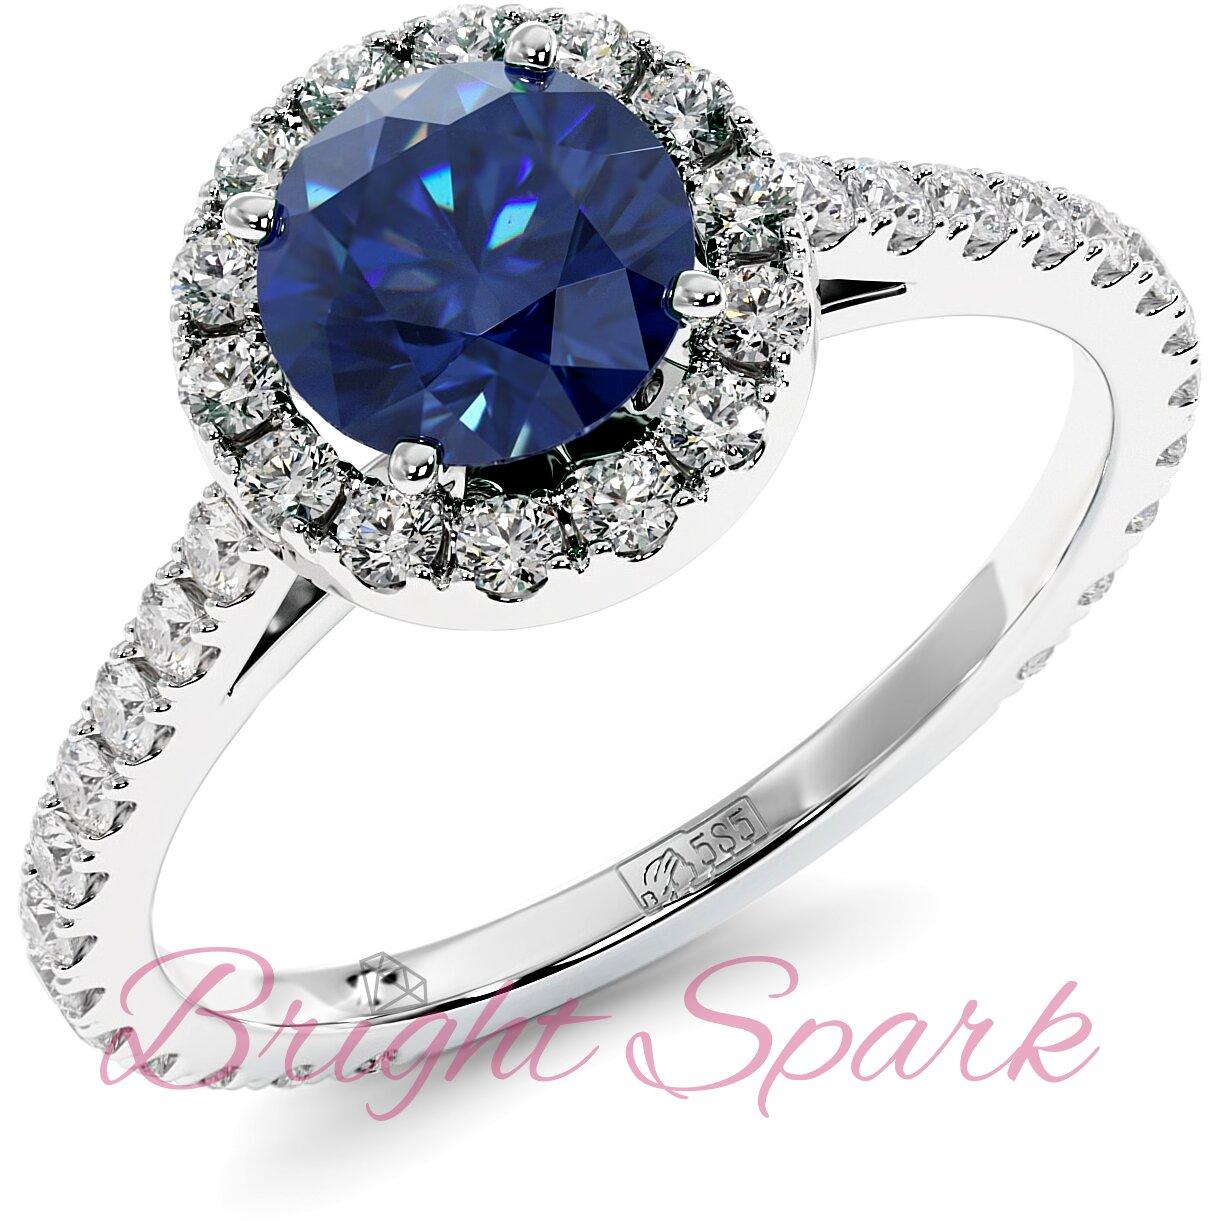 Помолвочное кольцо белого золота с синим сапфиром 1,2 карата, ореолом и дорожкой